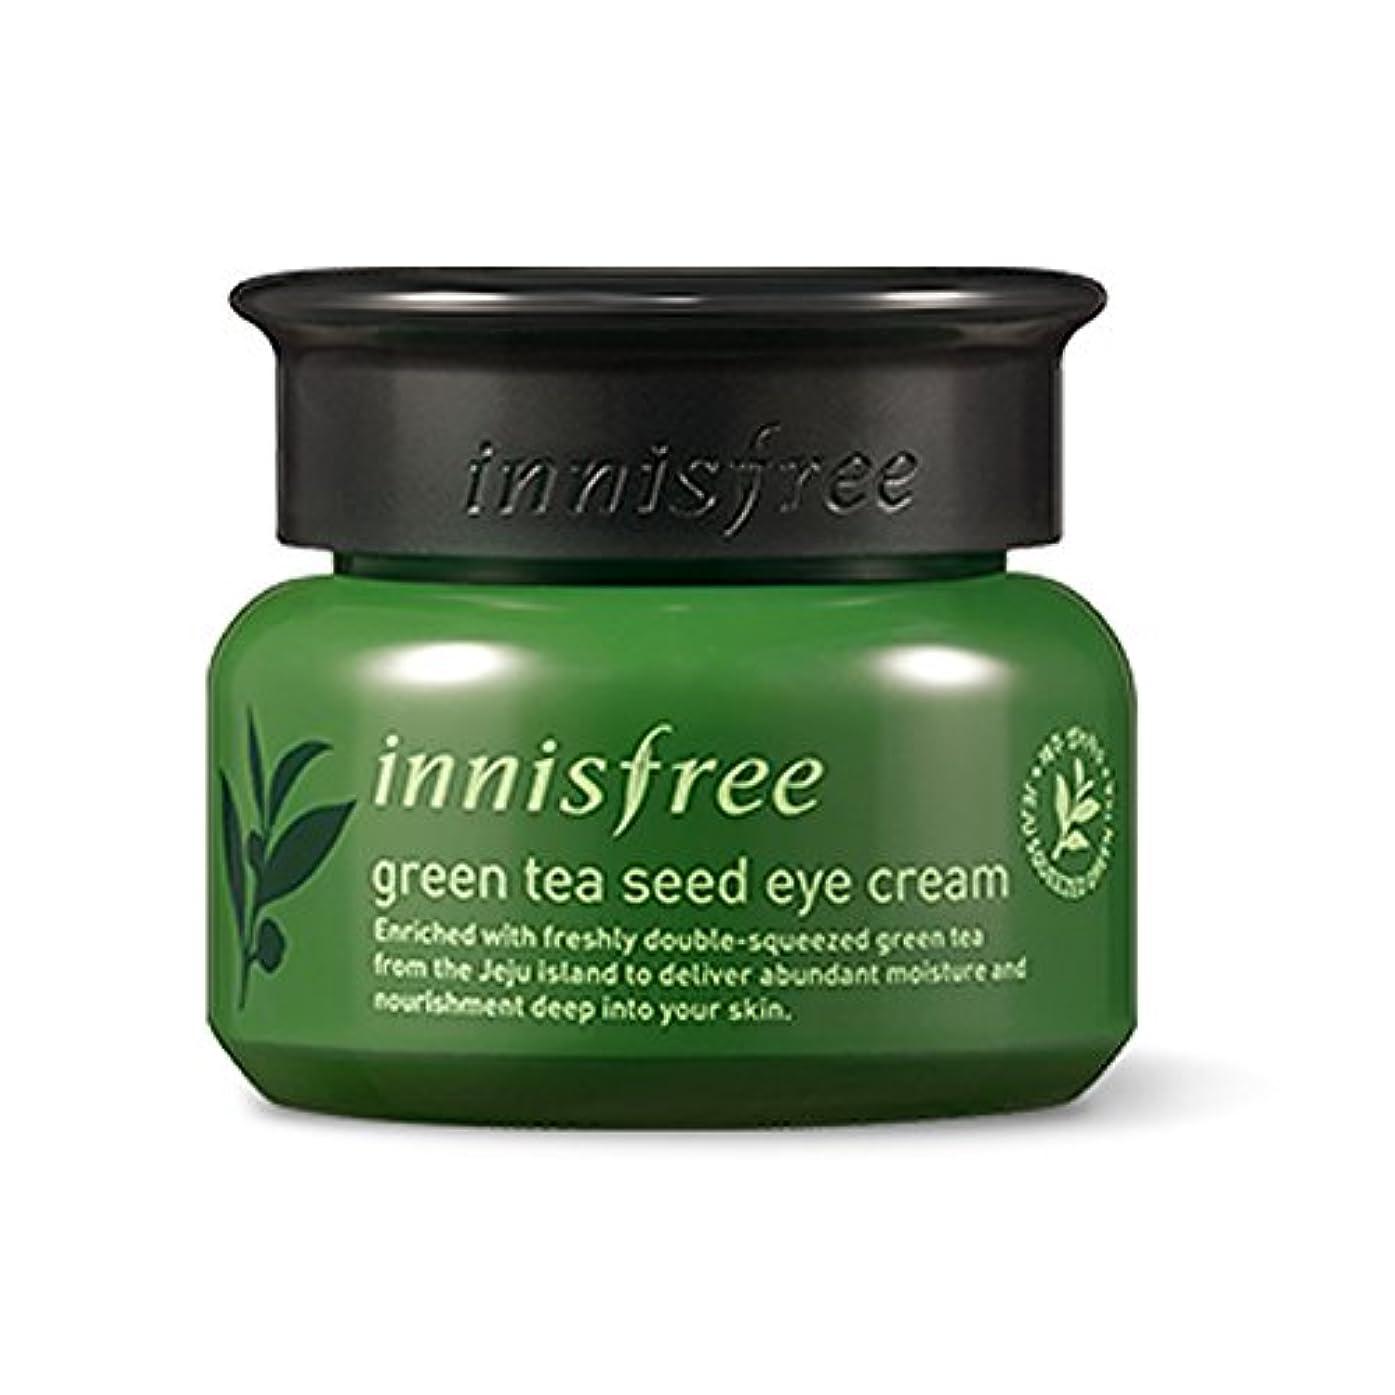 ぐるぐる溶ける申込みイニスフリーグリーンティーシードアイクリーム30ml Innisfree The Green Tea Seed Eye Cream 30ml [海外直送品][並行輸入品]